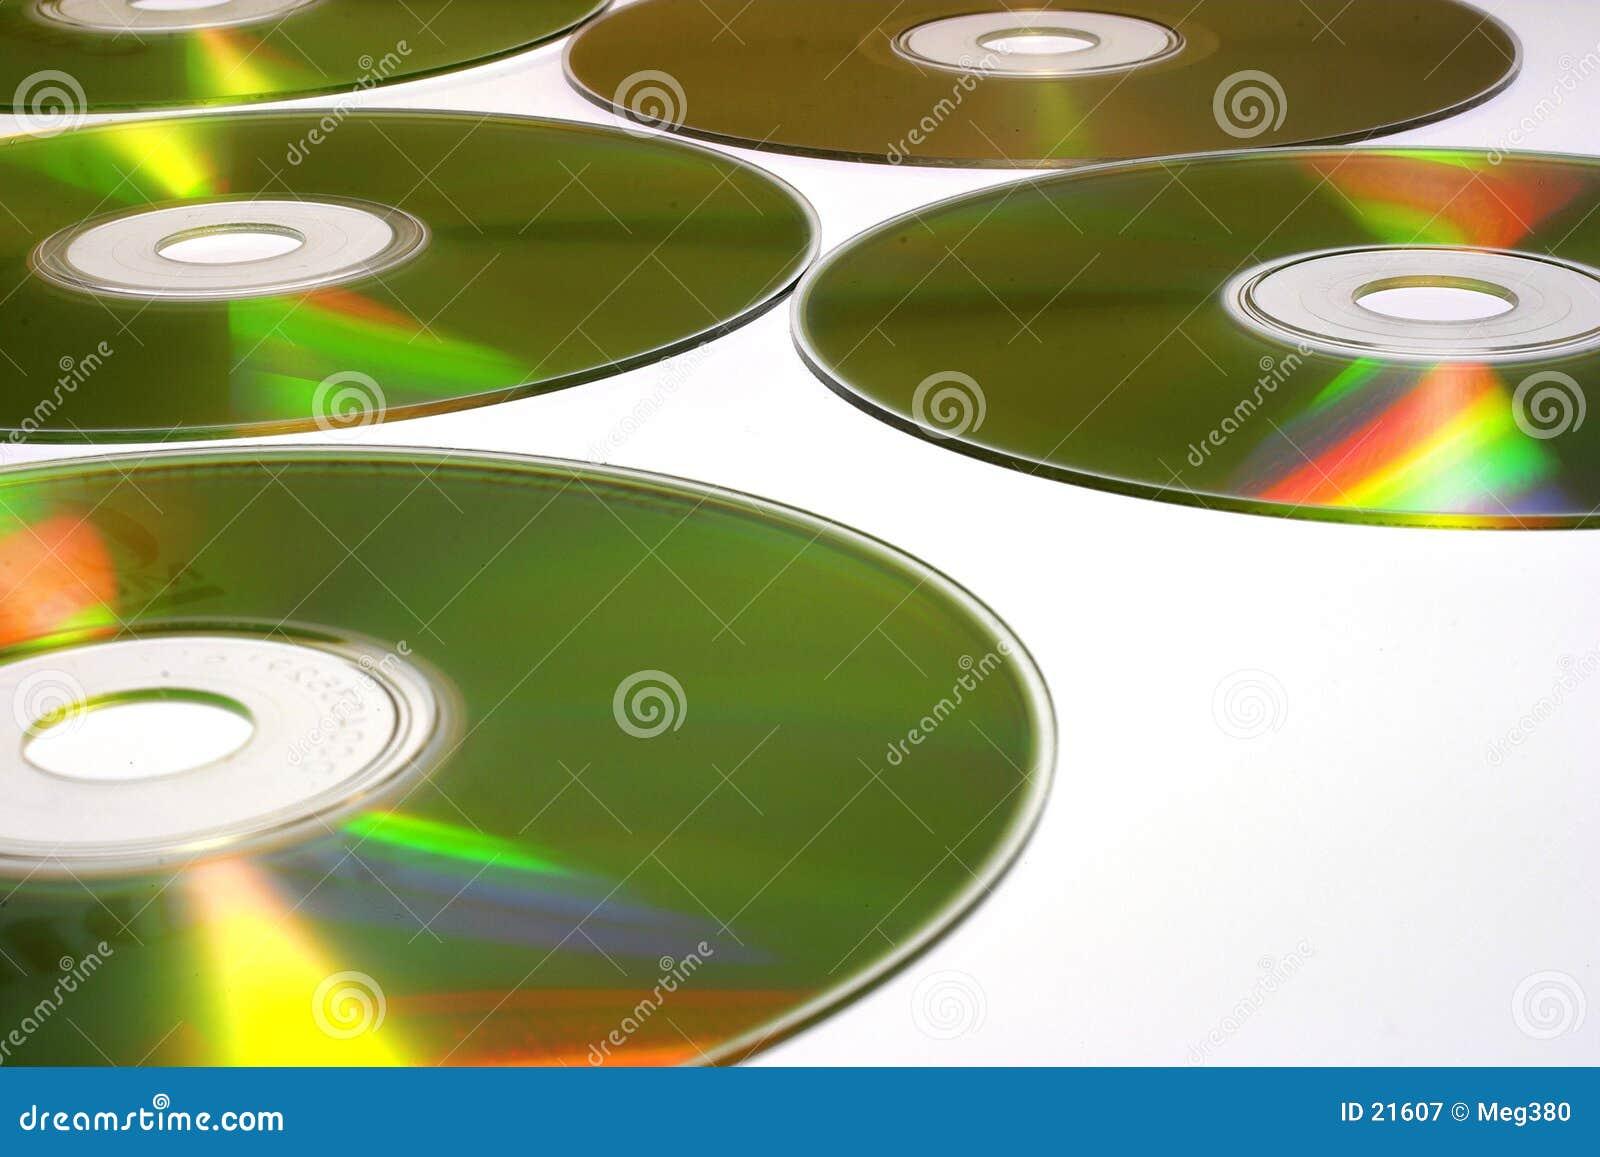 CD-ROM